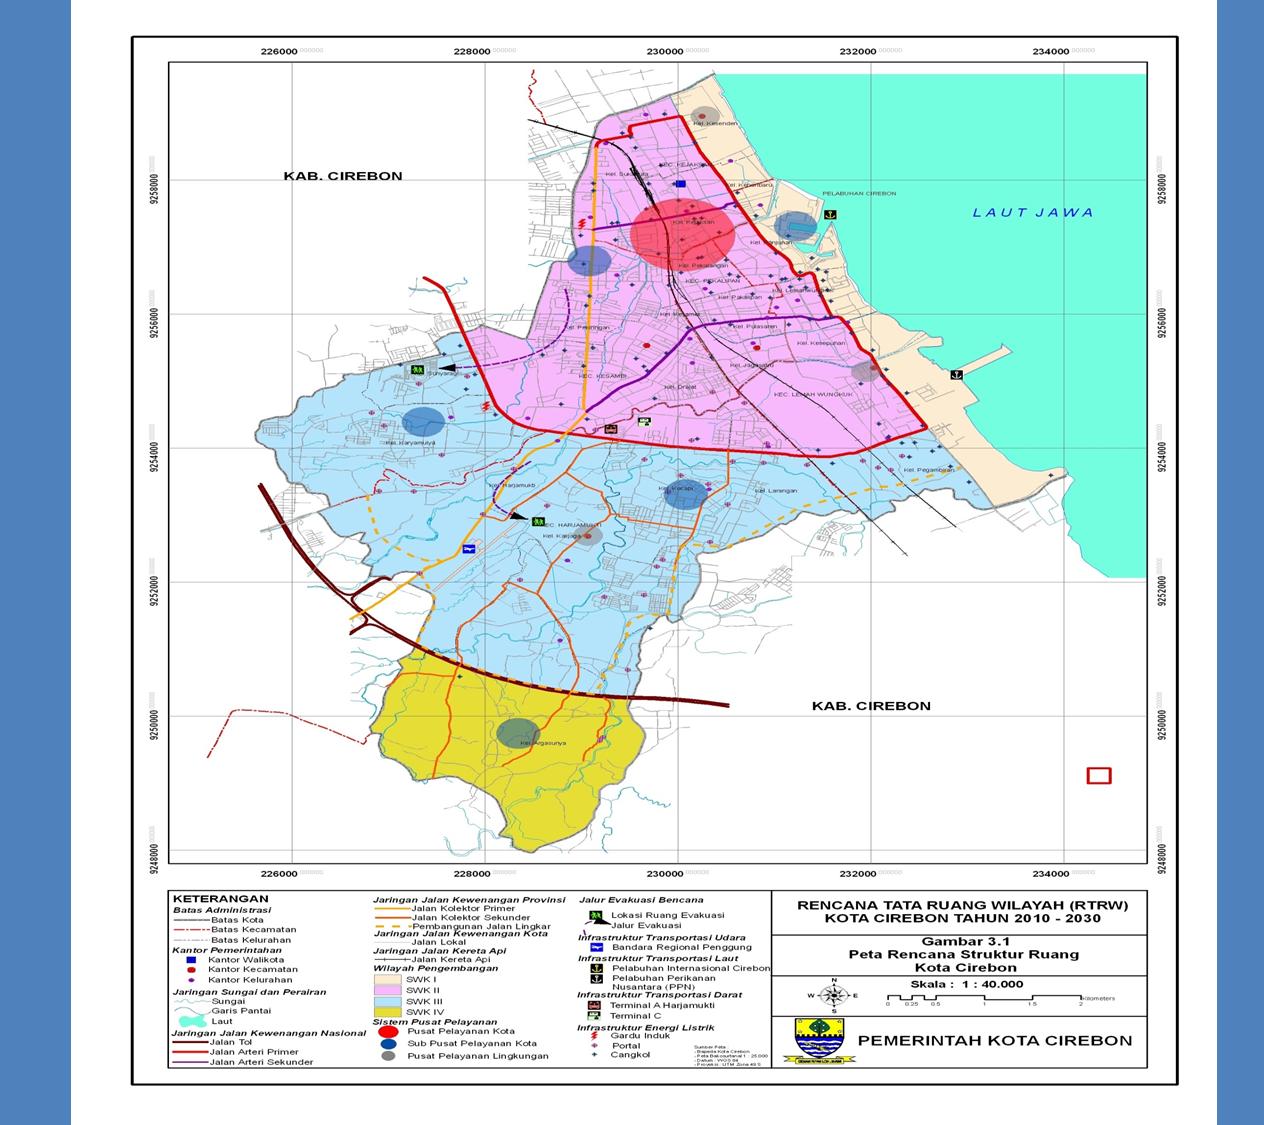 Peta Kota dan Kab Cirebon, disertai nama-nama Kec dan Desa ...